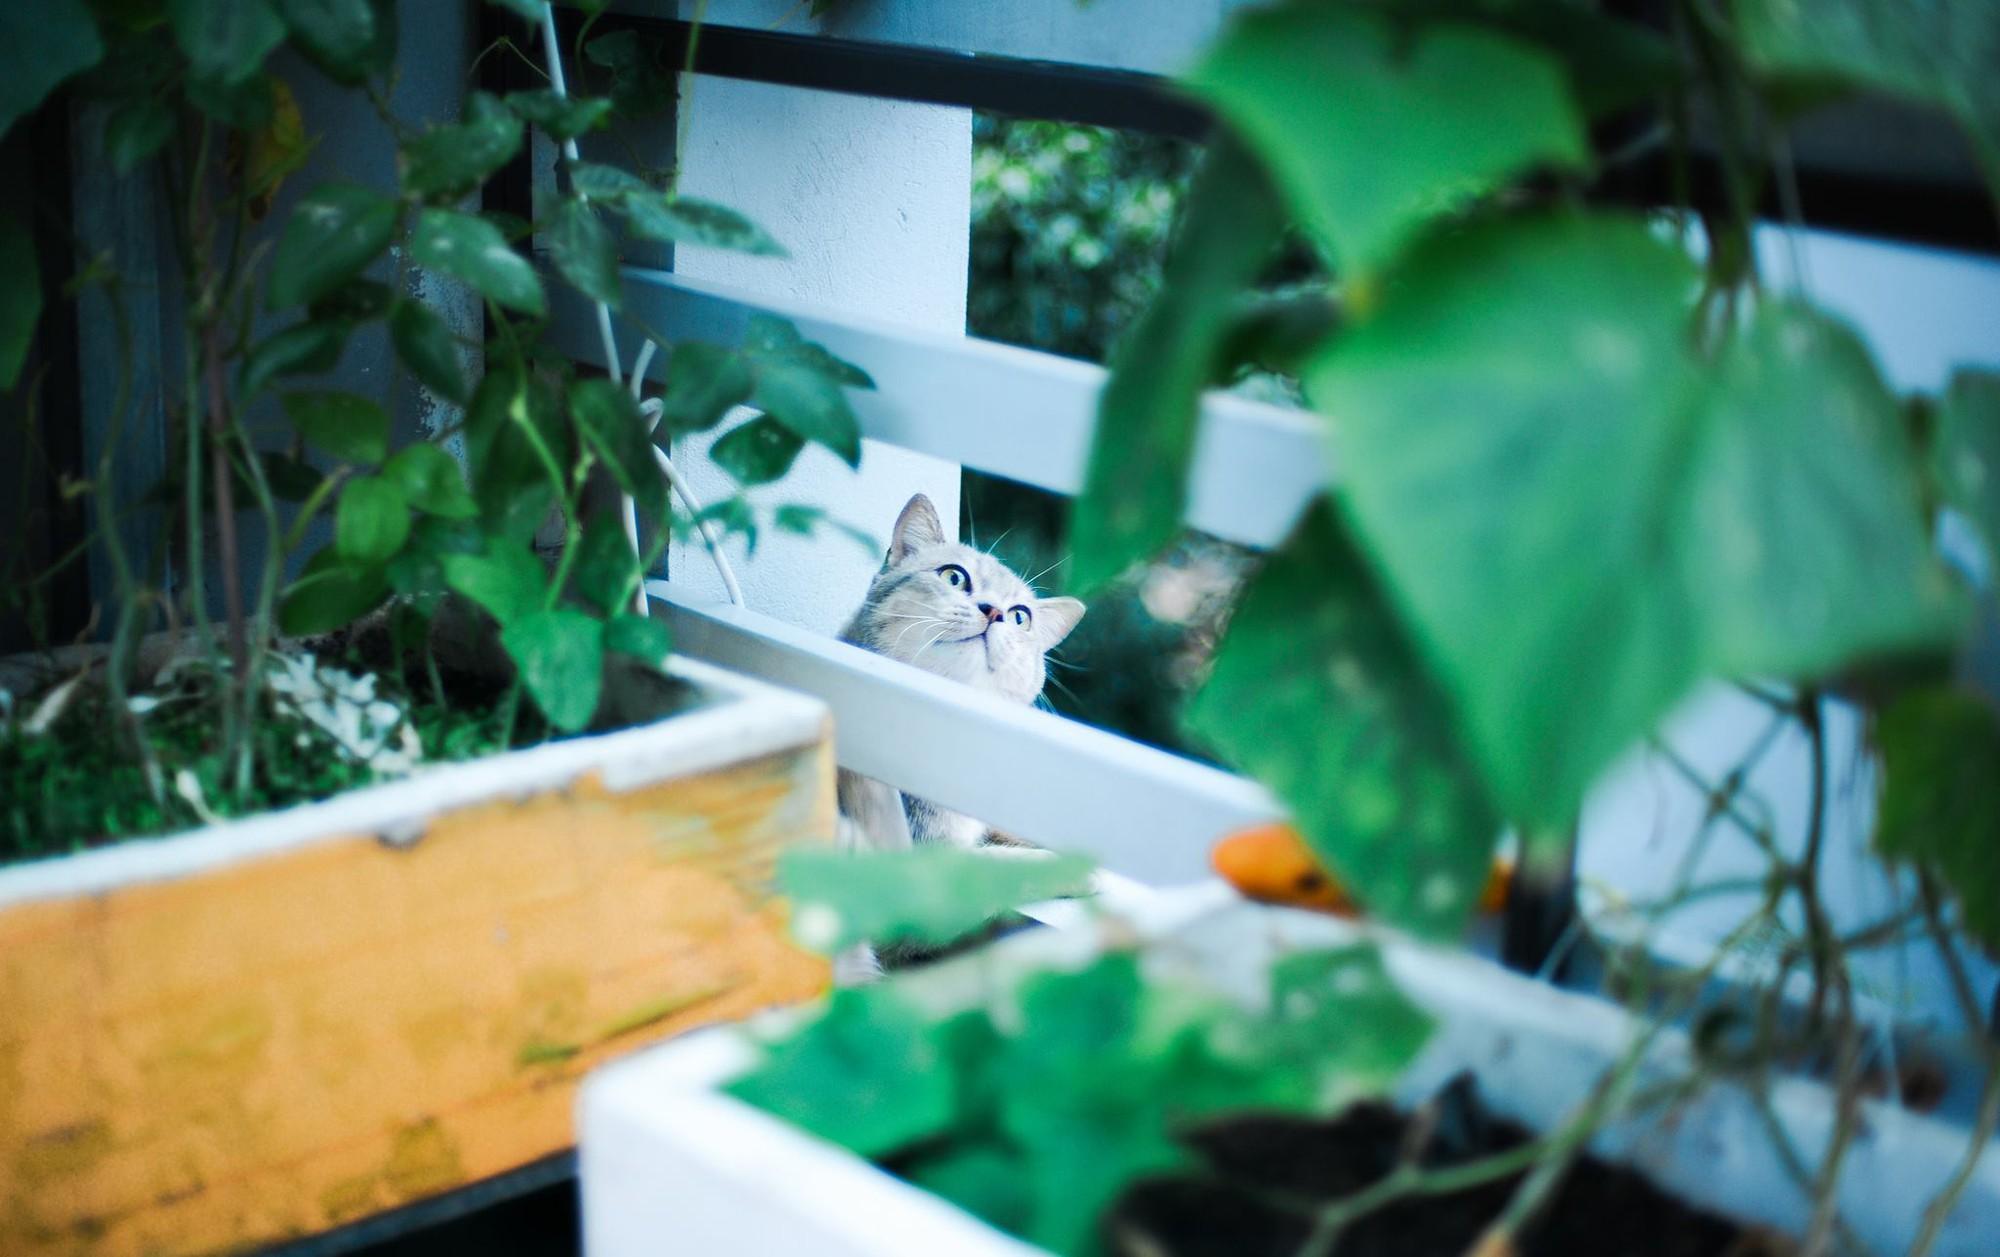 Chú mèo tên Bư nổi tiếng trên MXH bất ngờ qua đời khiến cư dân mạng tiếc nuối - Ảnh 2.